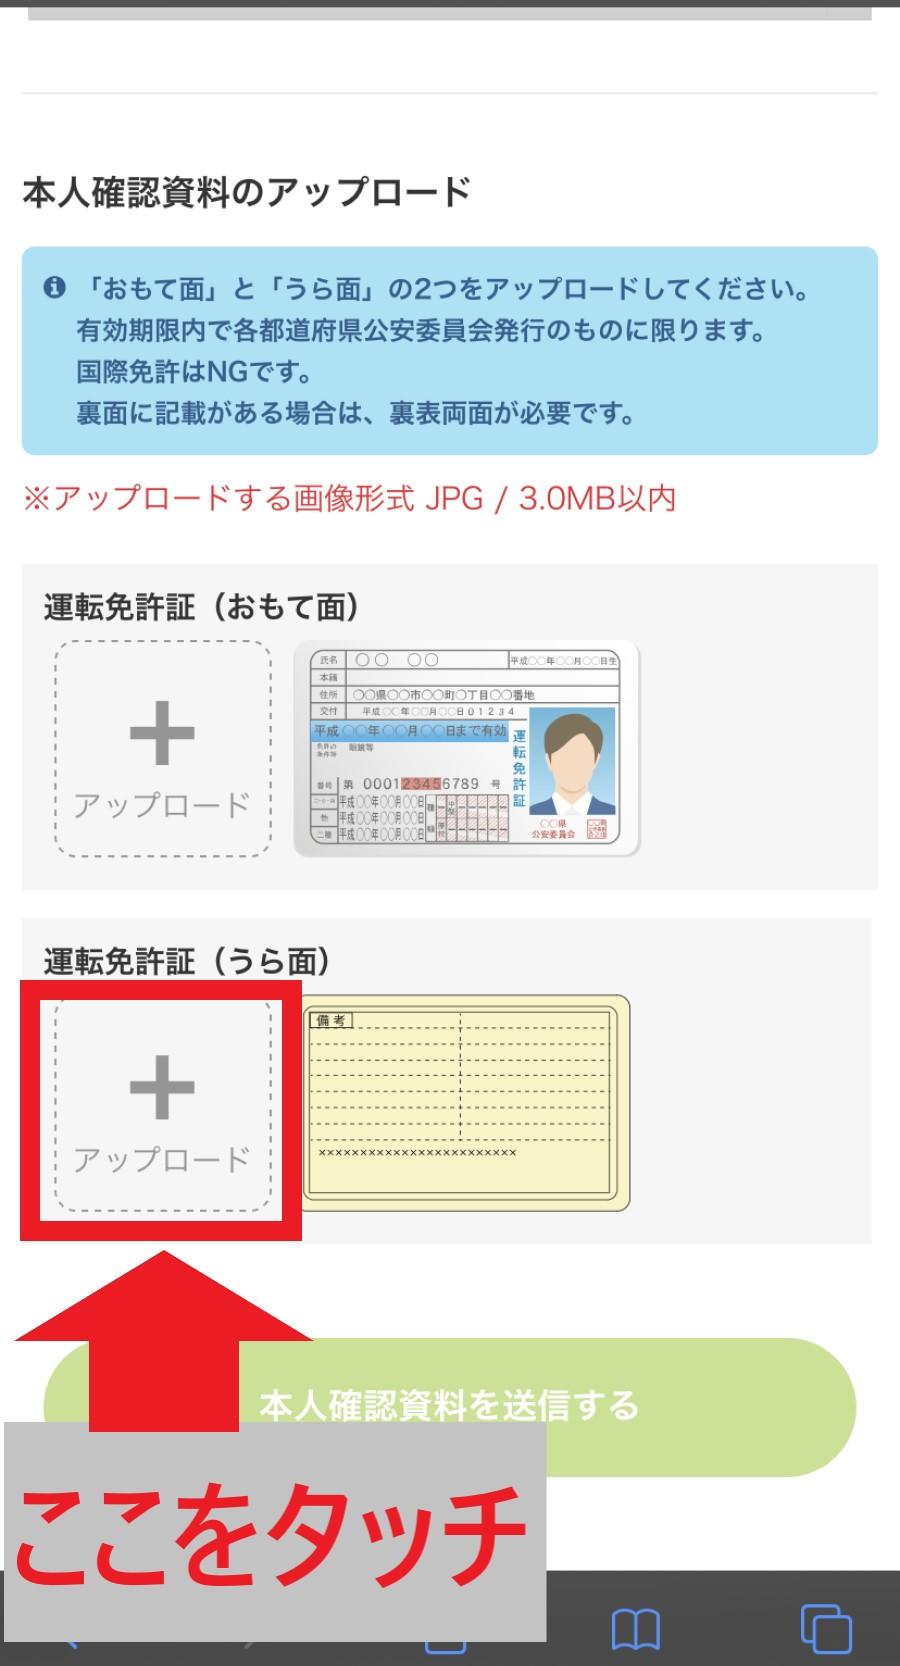 限界突破WiFiの申し込み手順・流れ・運転免許証のアップロード2